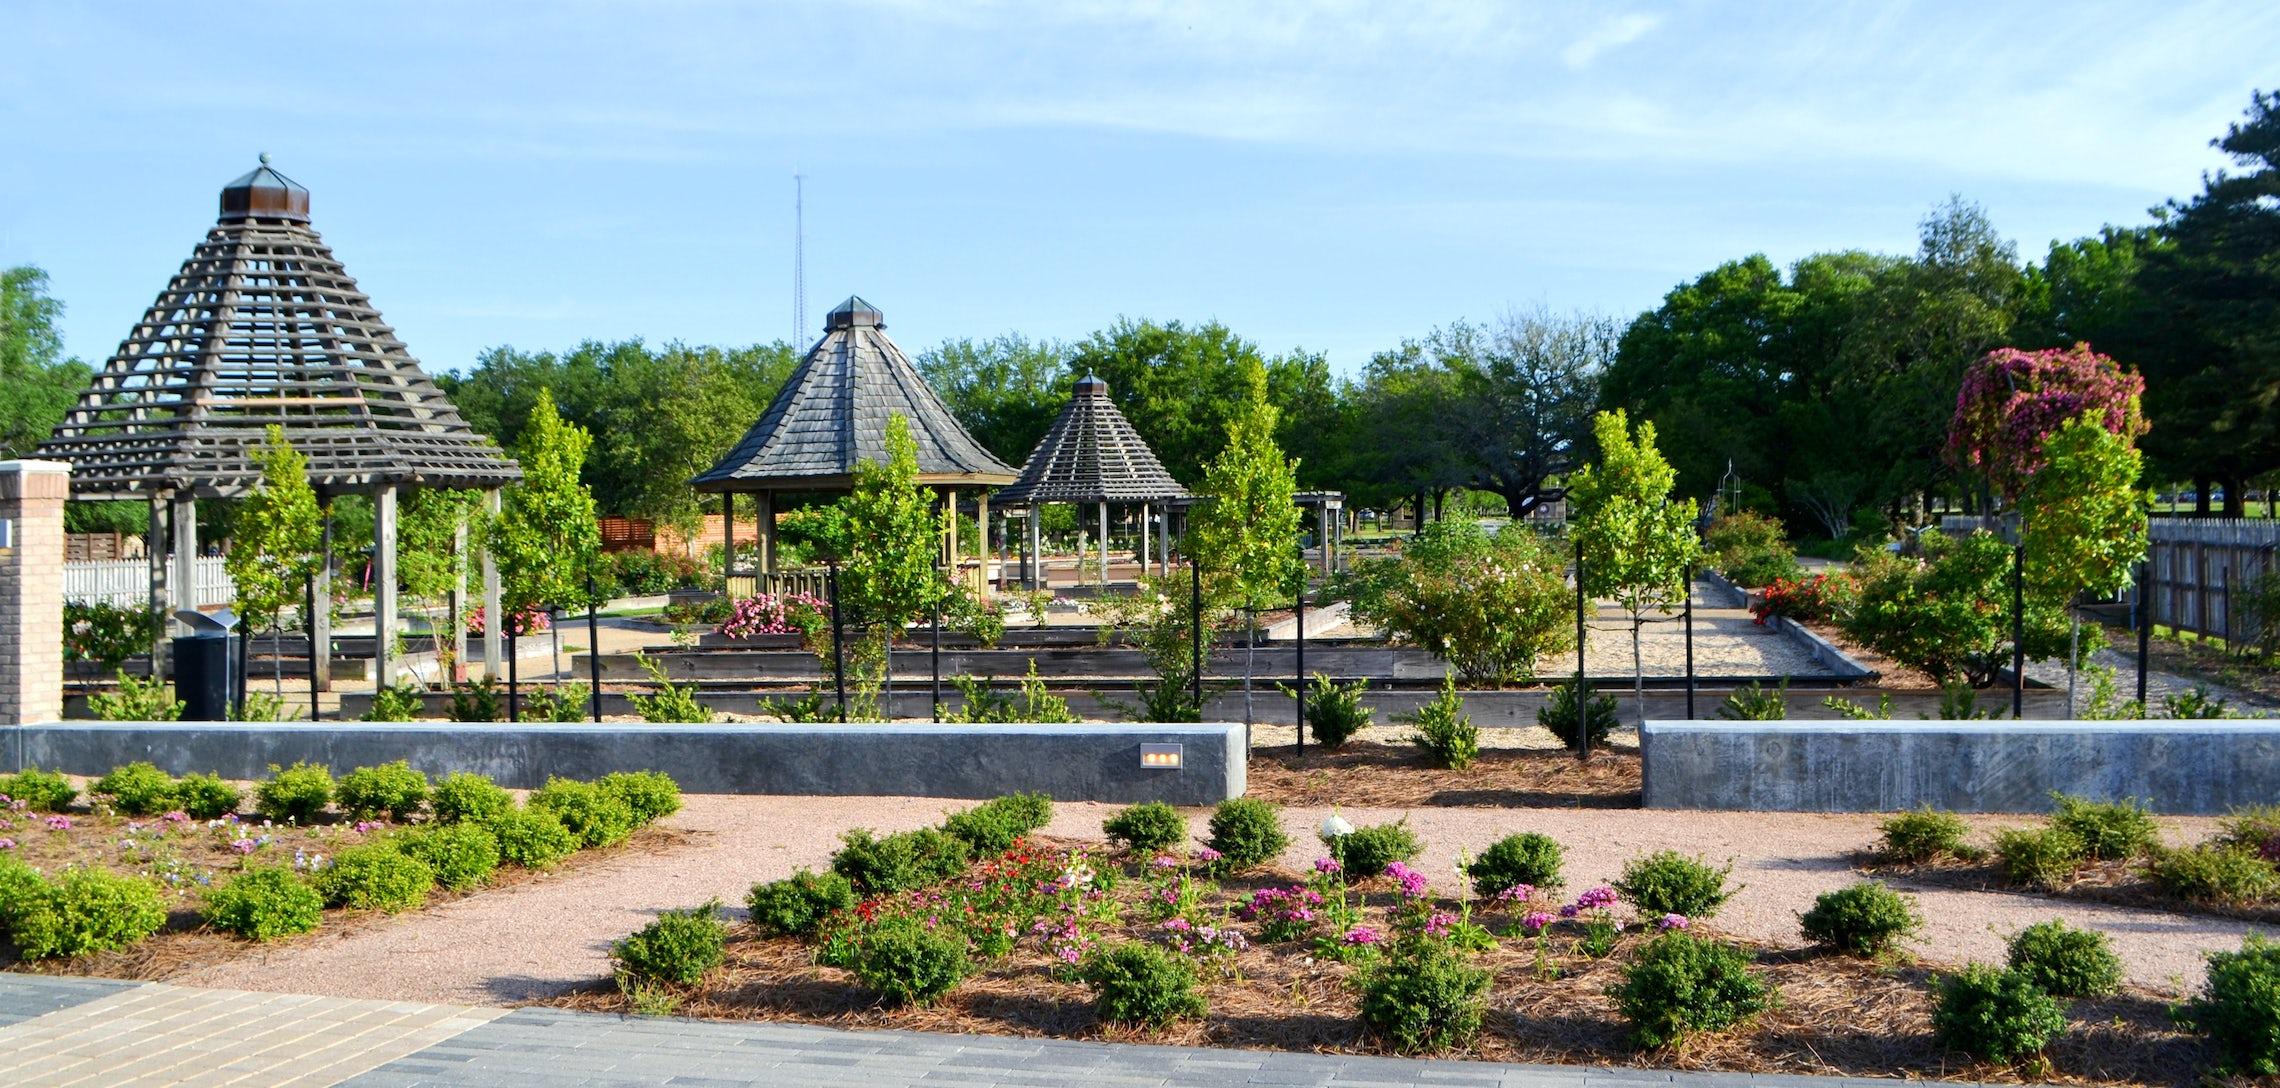 Gardens parterre to rose garden e1525376748146 - Baton Rouge Garden Center At Independence Botanical Gardens